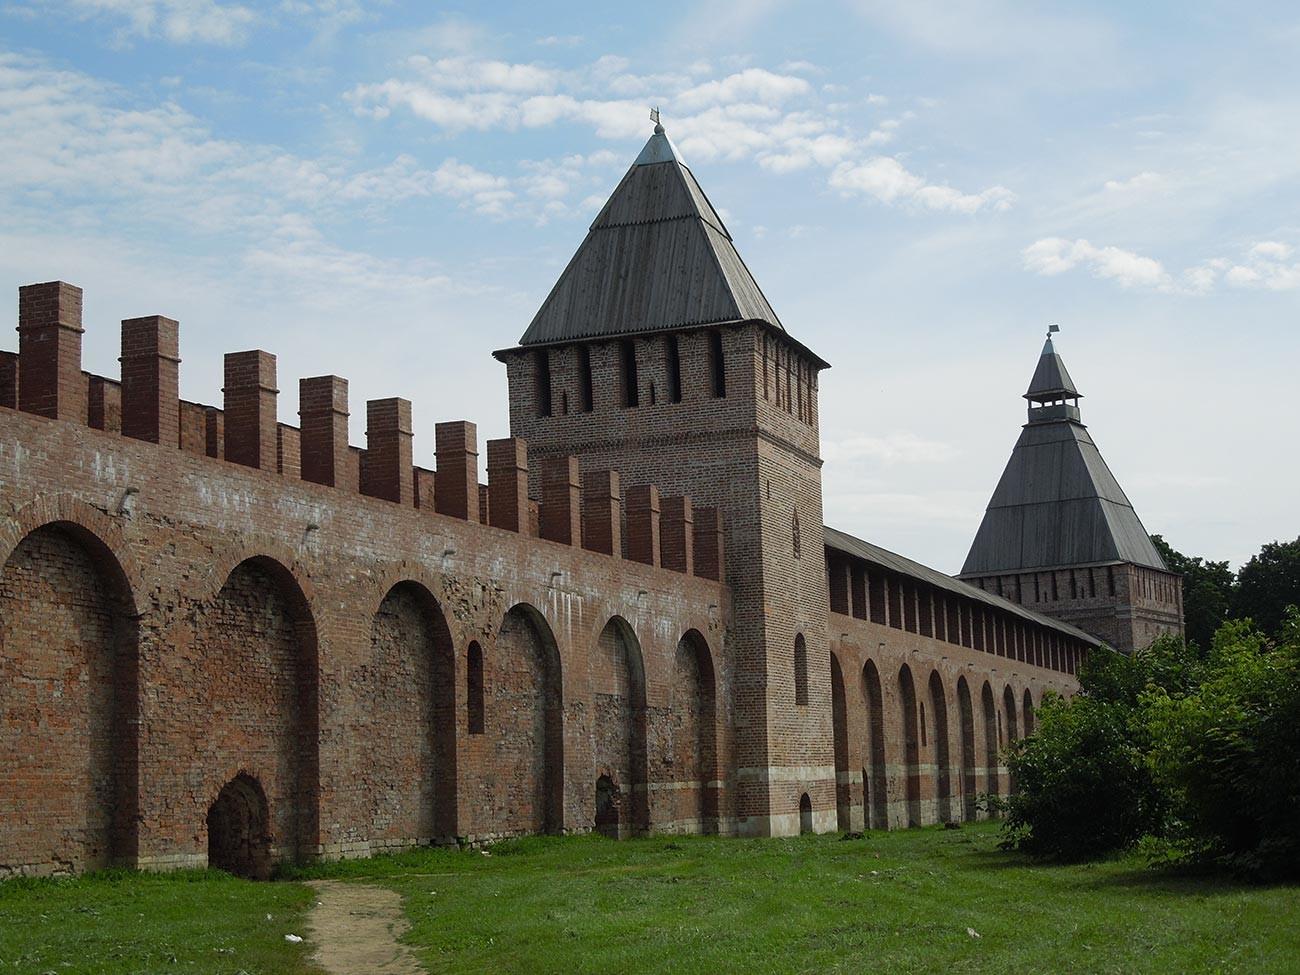 La cittadella di Smolensk, una delle fortezze più imponenti dell'epoca, aveva lo scopo di proteggere le terre di Mosca dagli attacchi polacchi